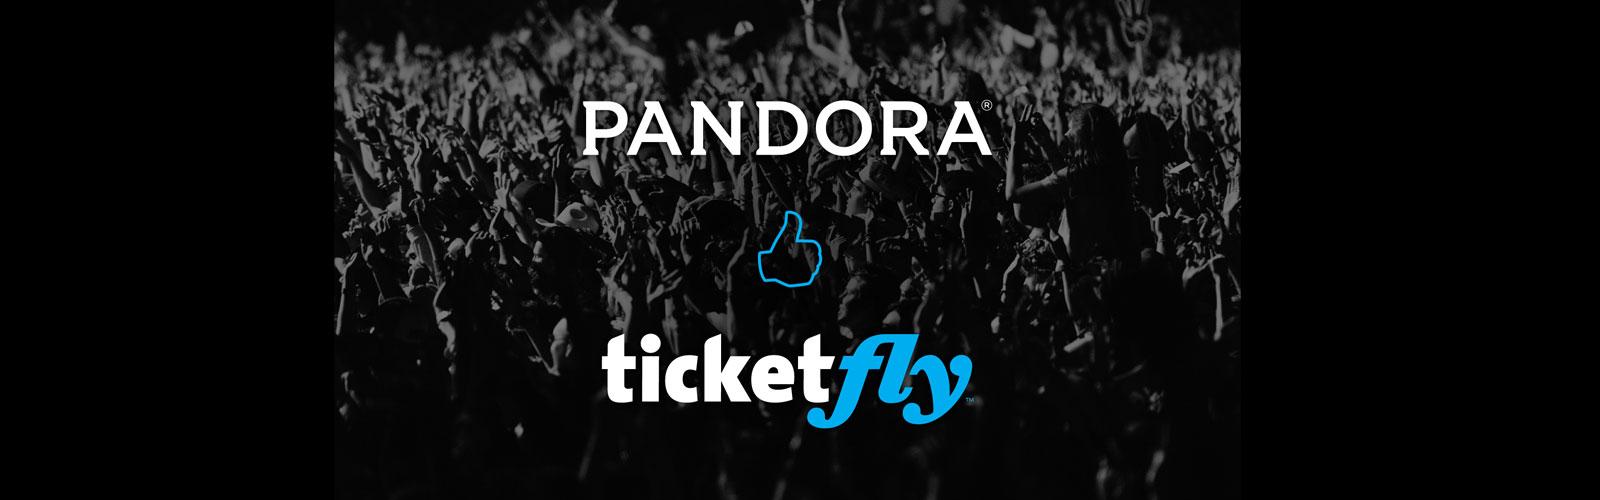 pandora-ticketfly